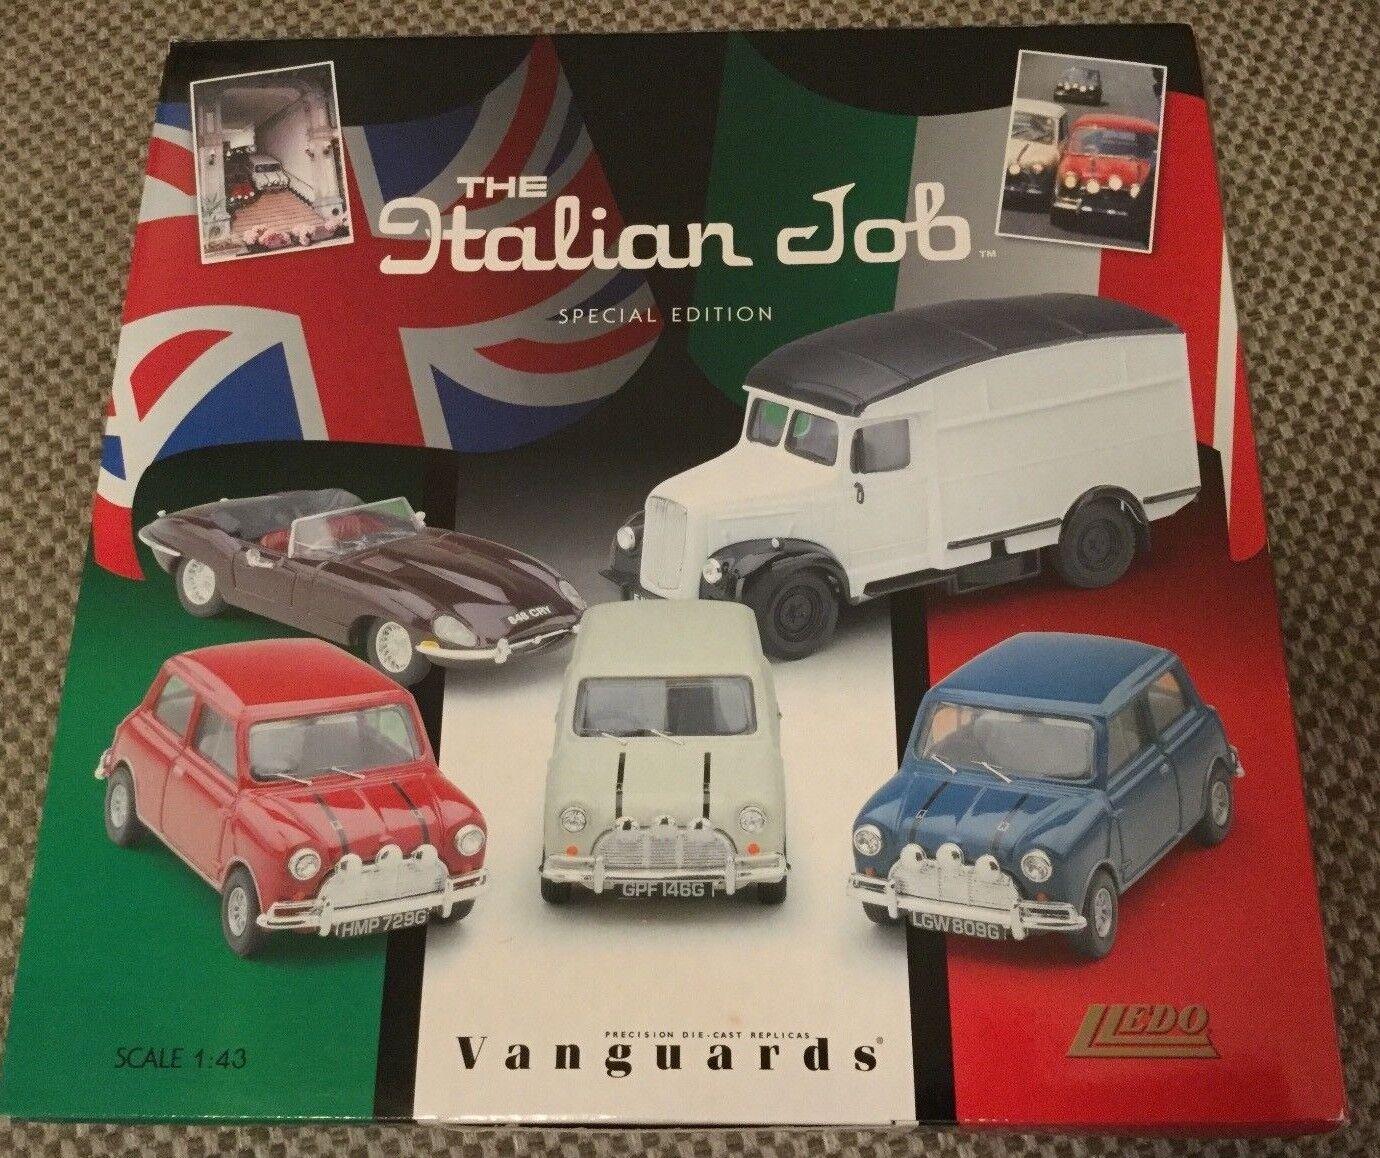 Colección de edición especial de trabajo italiano por Lledo